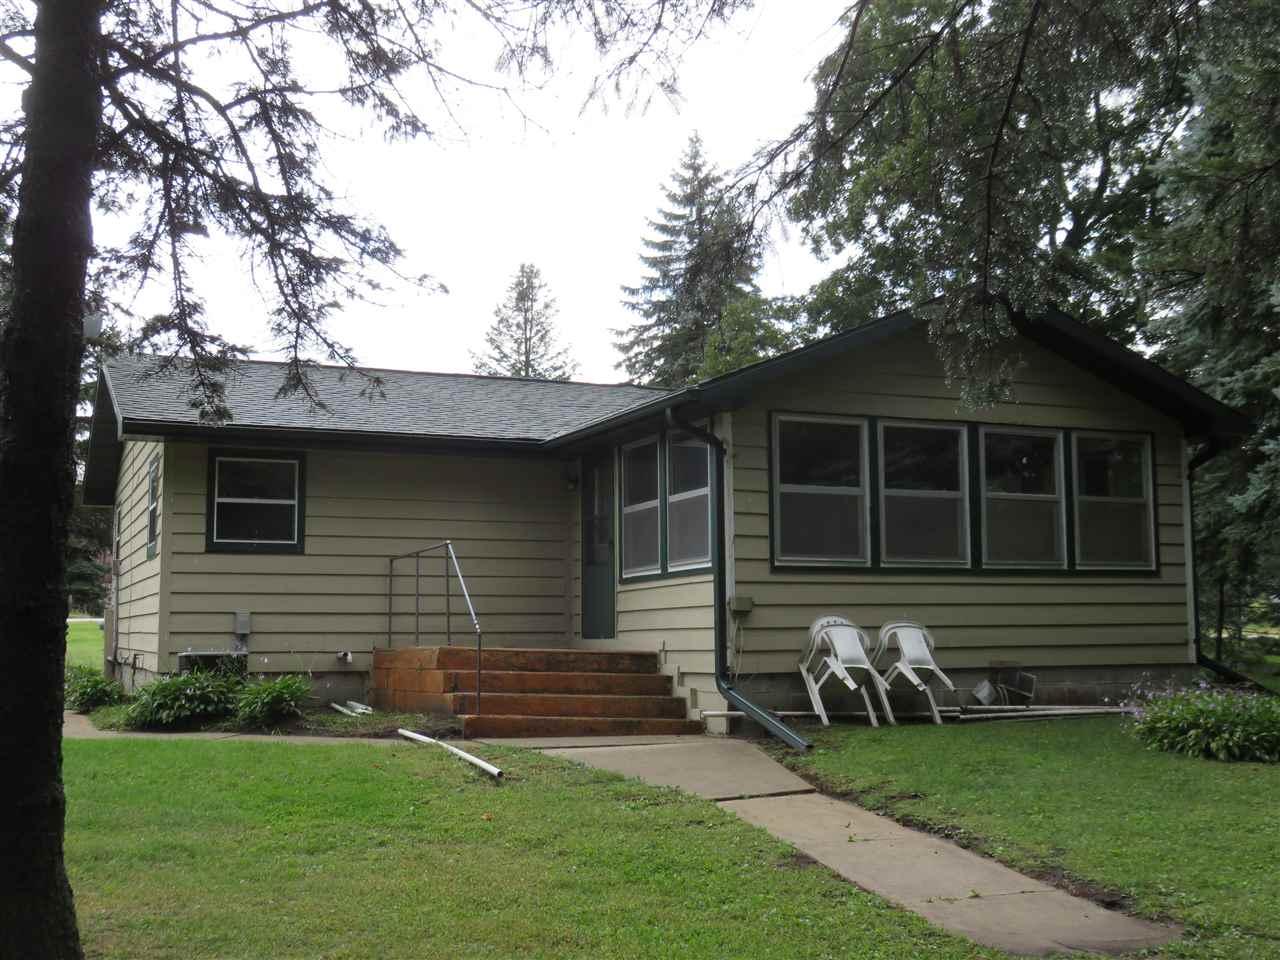 W6674 Puckaway Rd, Marquette, WI 53946